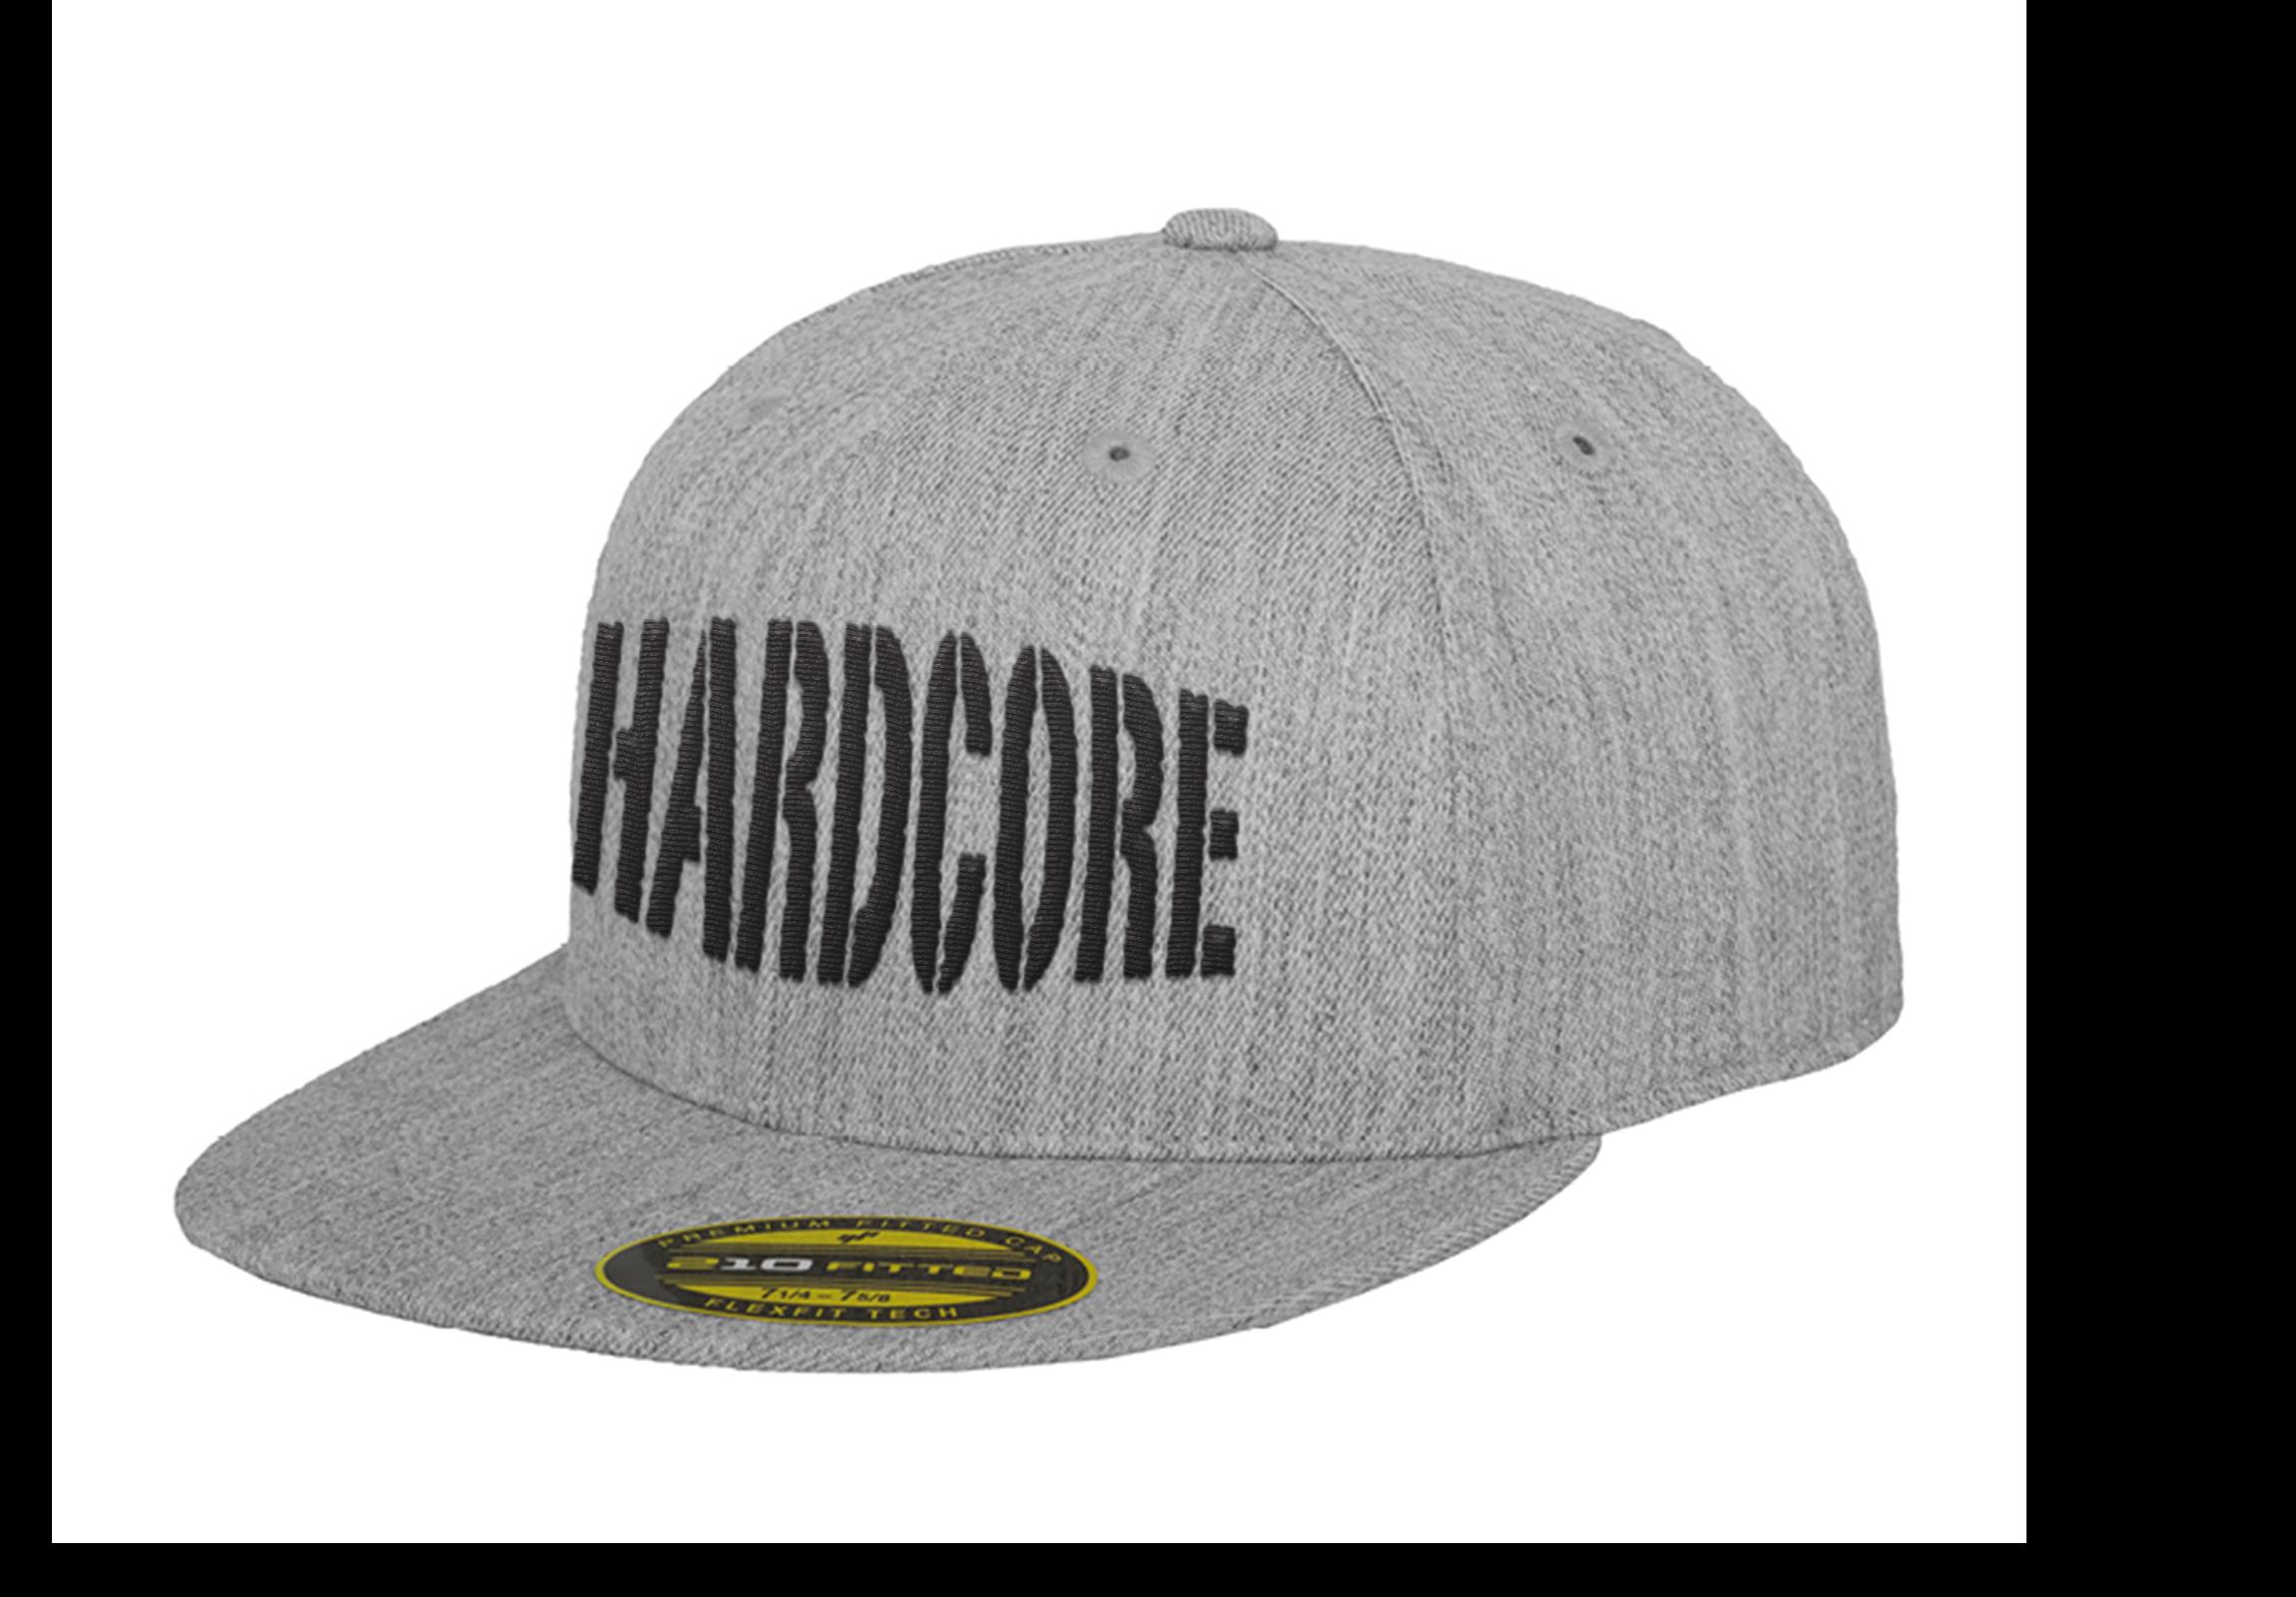 hardcore cap